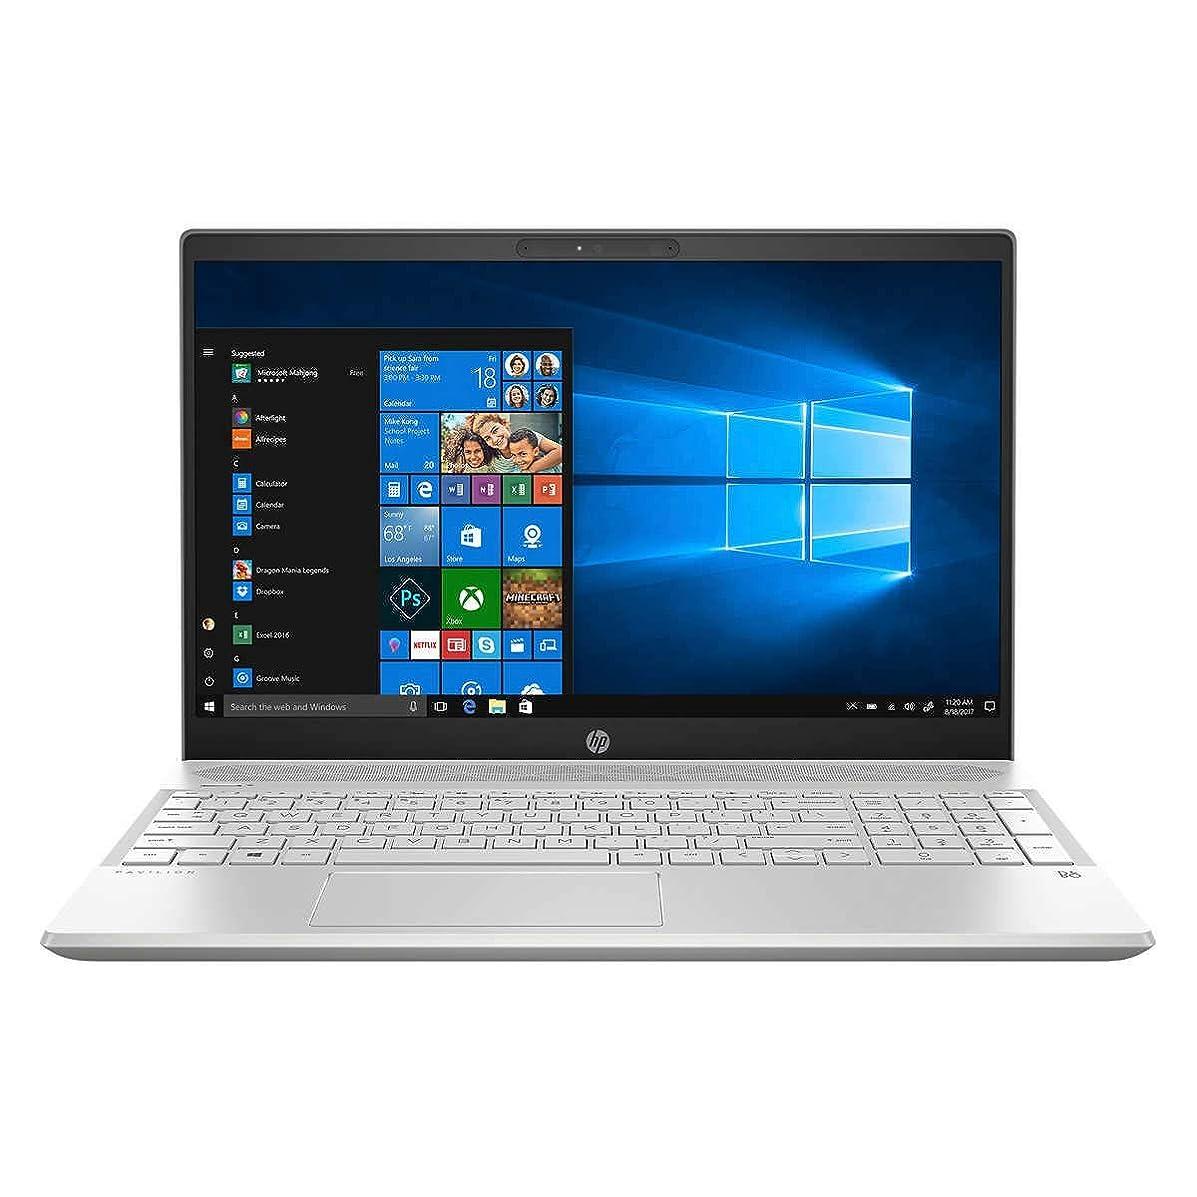 2019 HP Pavilion Laptop Computer, 15.6